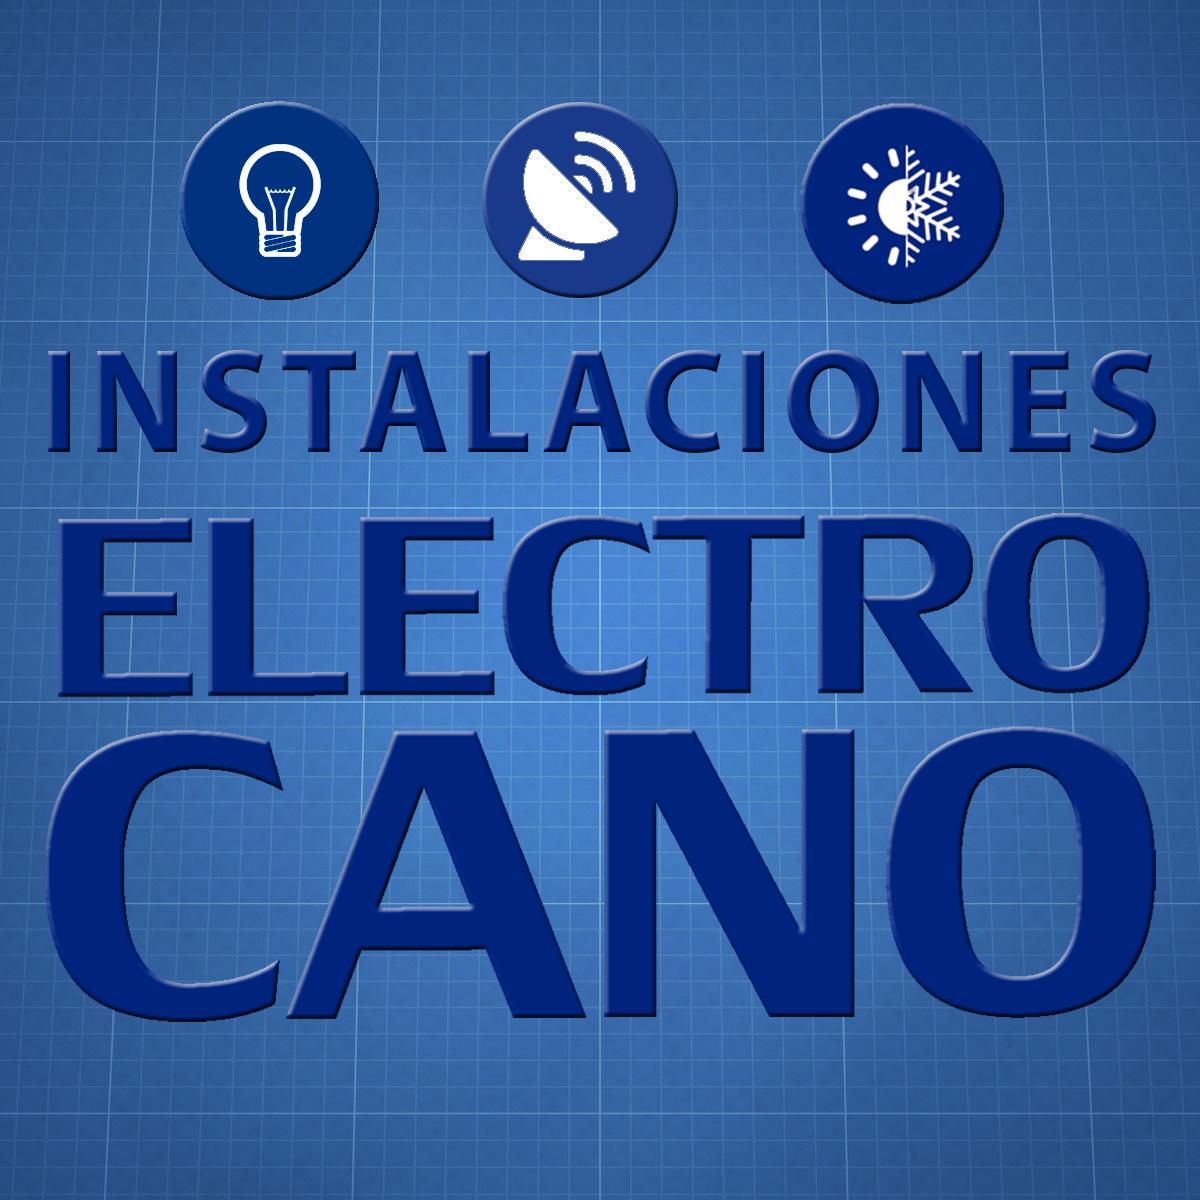 Instalaciones Electrocano